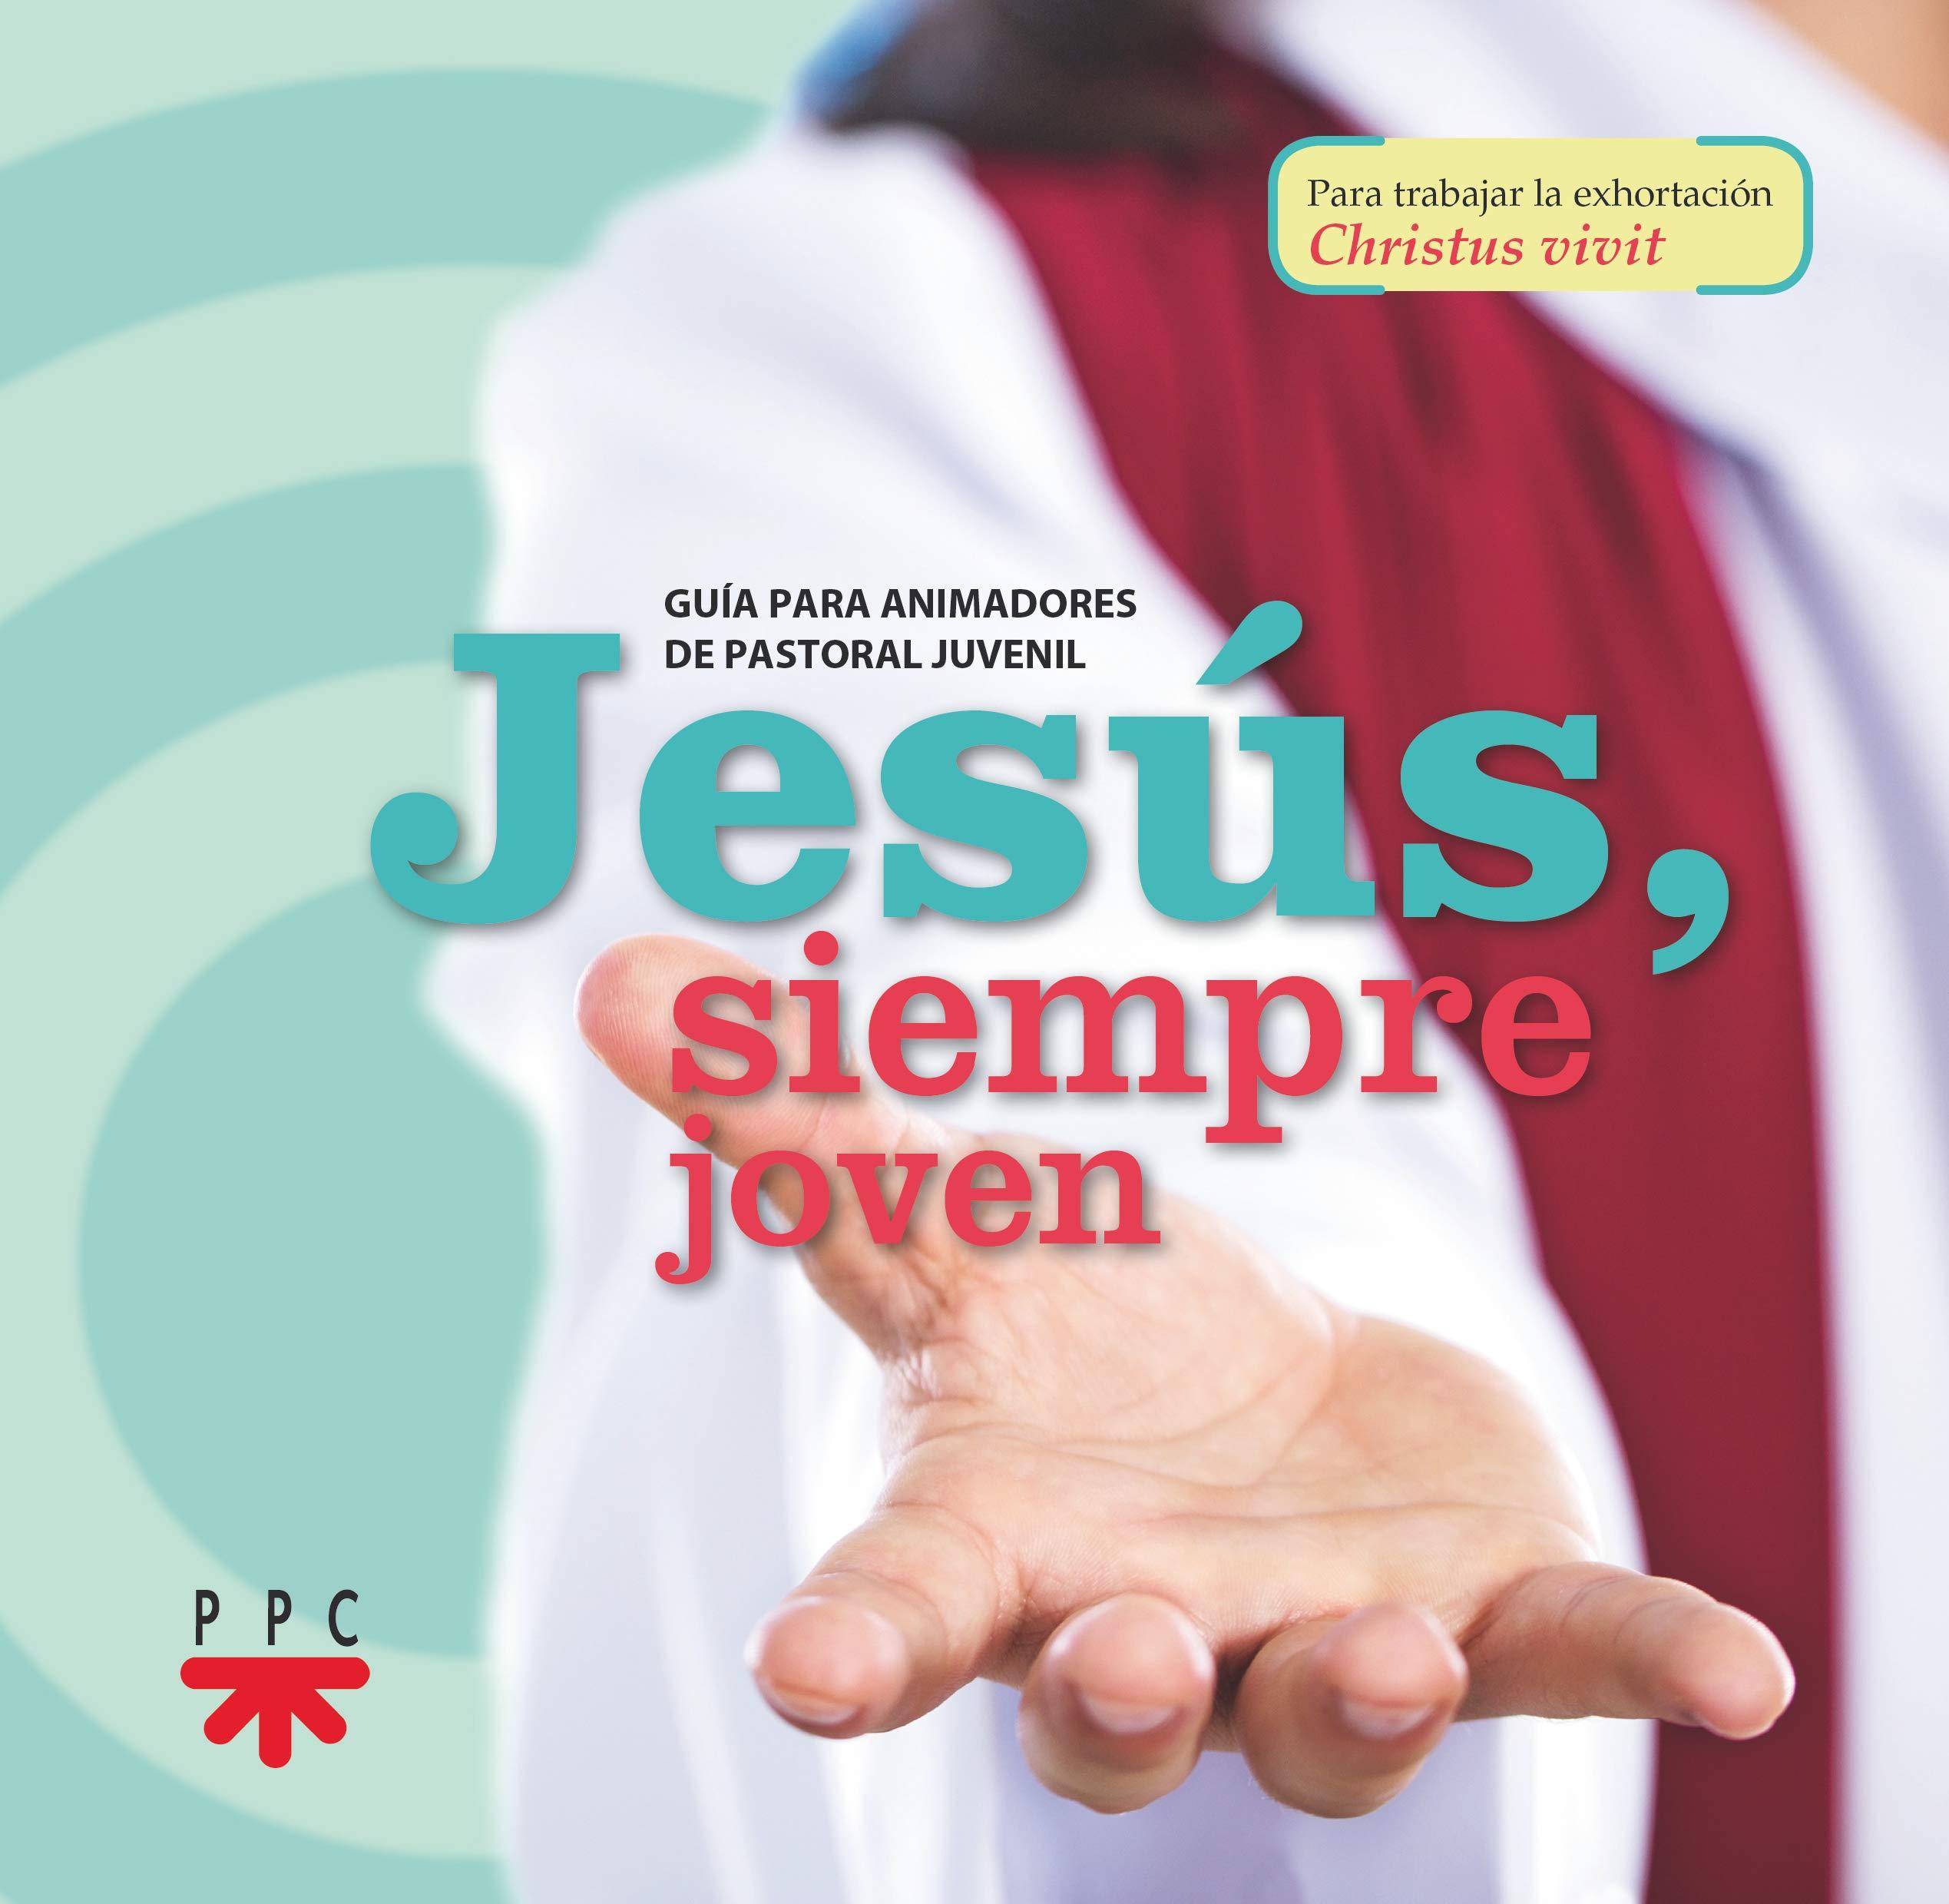 Jesús, siempre joven: Guía para animadores de pastoral juvenil Fuera de Colección: Amazon.es: Papa Francis, Ruiz López, Alicia, Sánchez Ballesteros, María: Libros